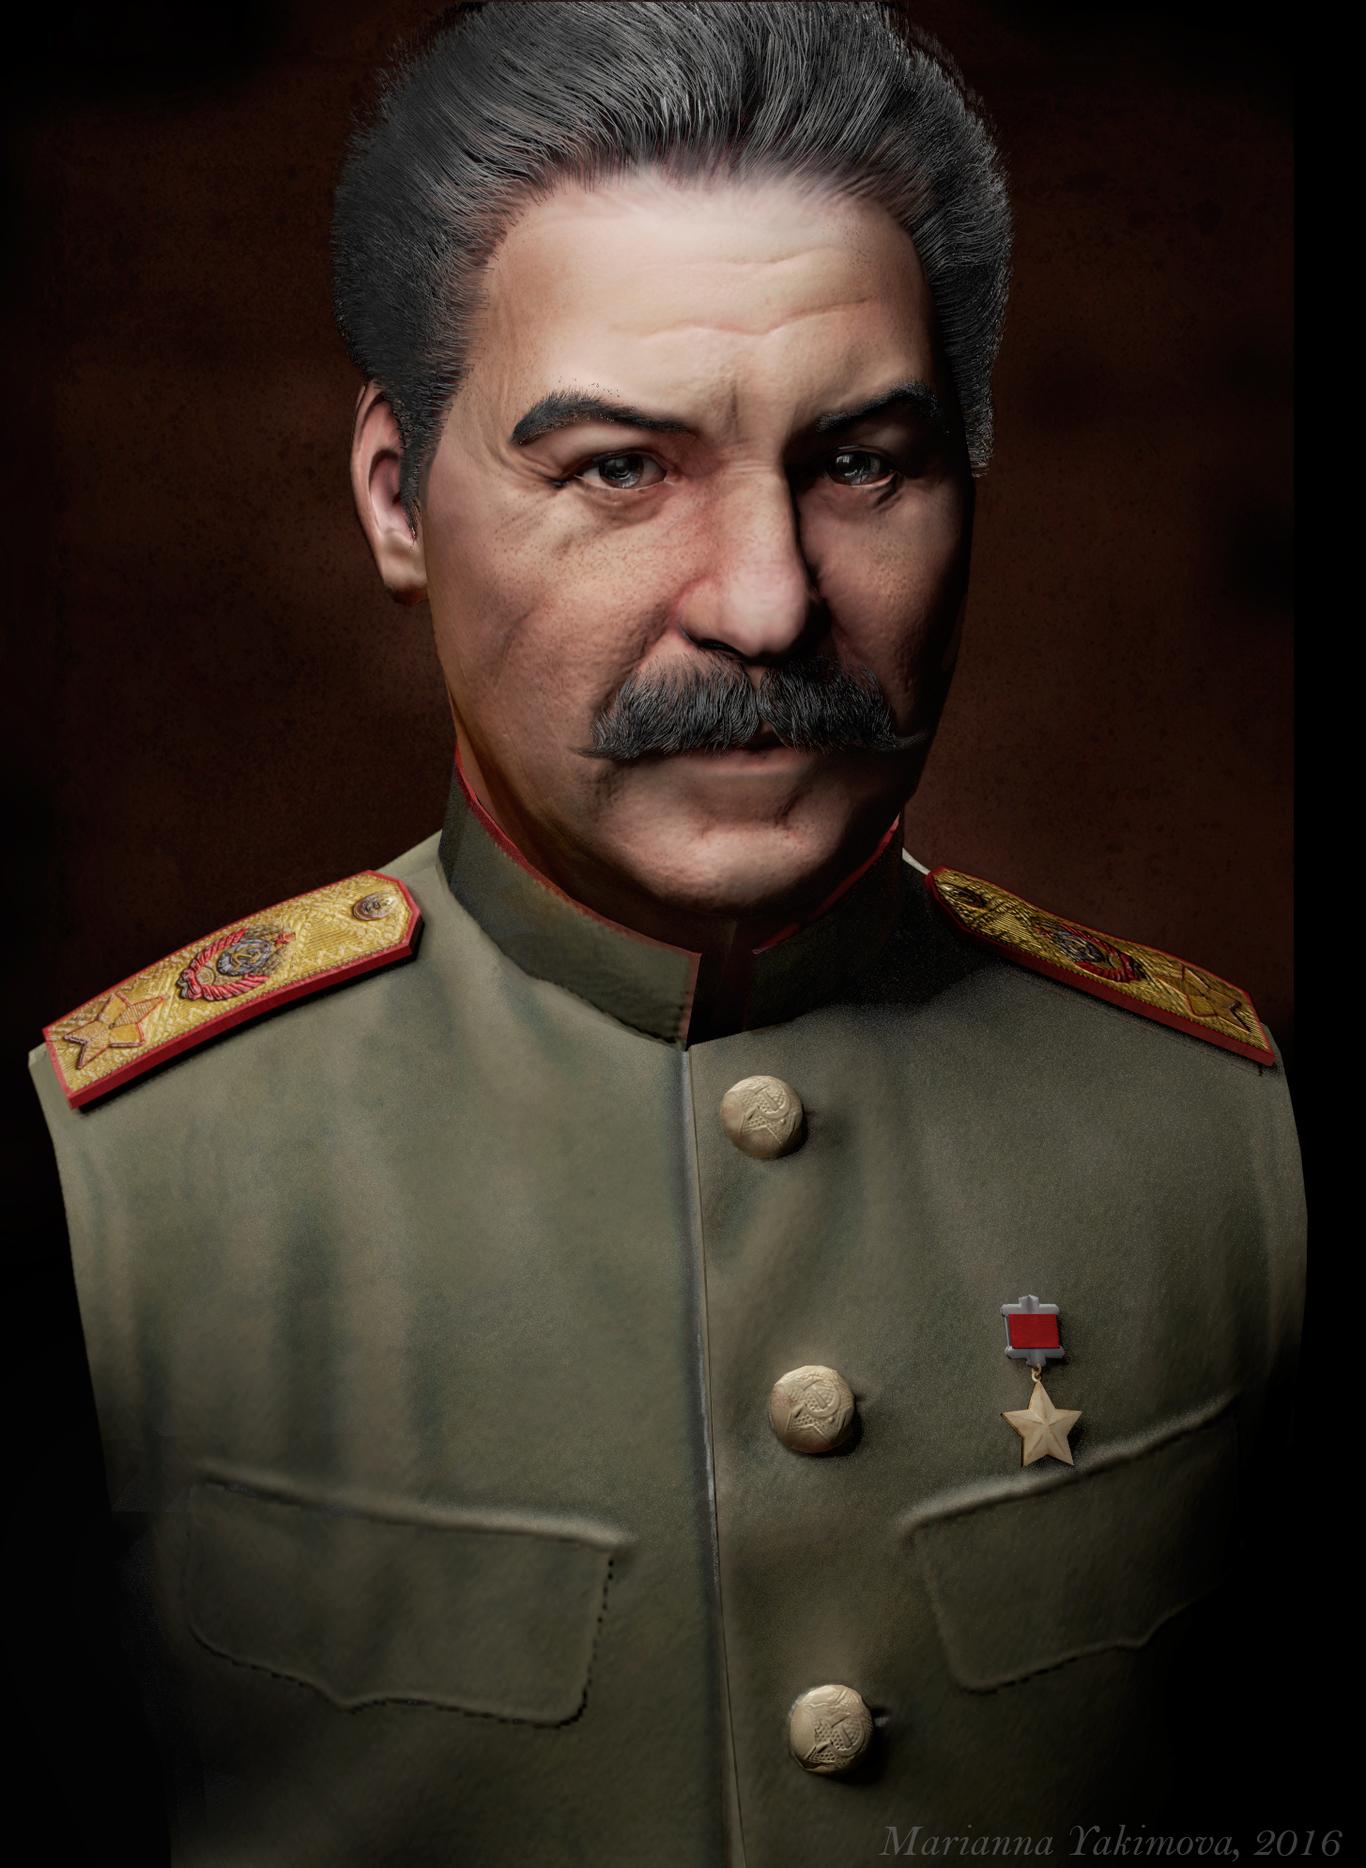 Mariannakot comrade stalin 1 5455df5b scvm